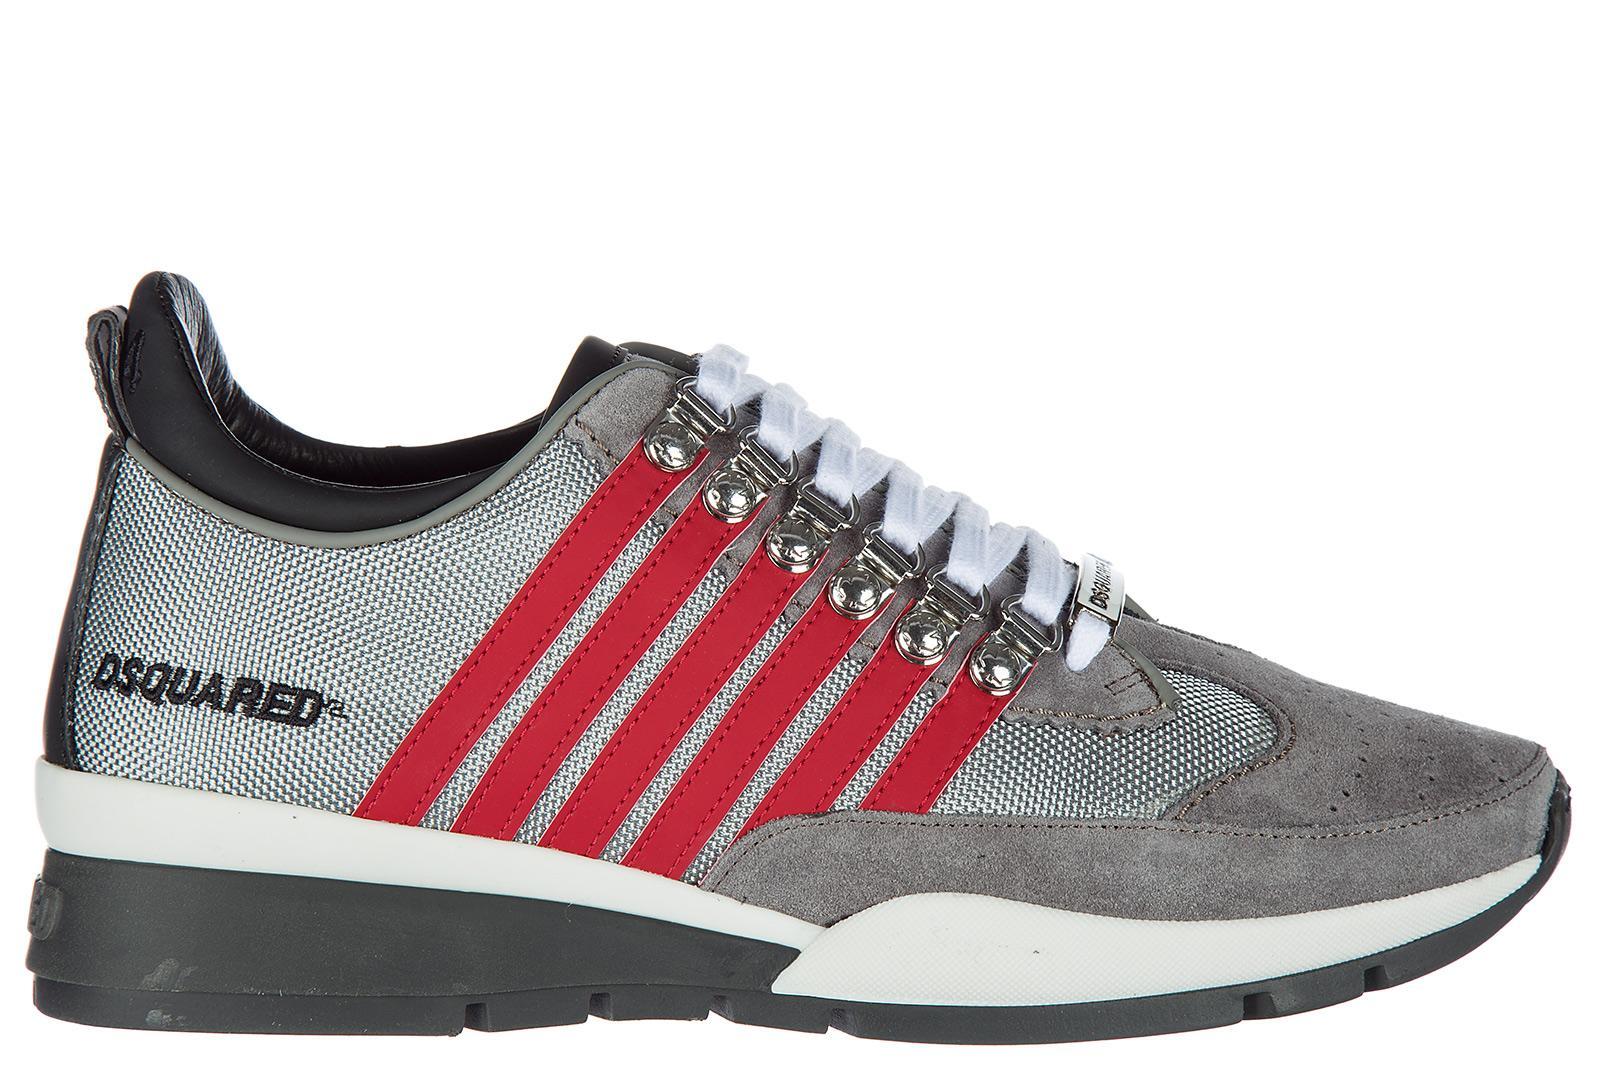 Grey Wildleder Schuhe 251 Sneakers Herren Herrenschuhe In kXuOiTZP